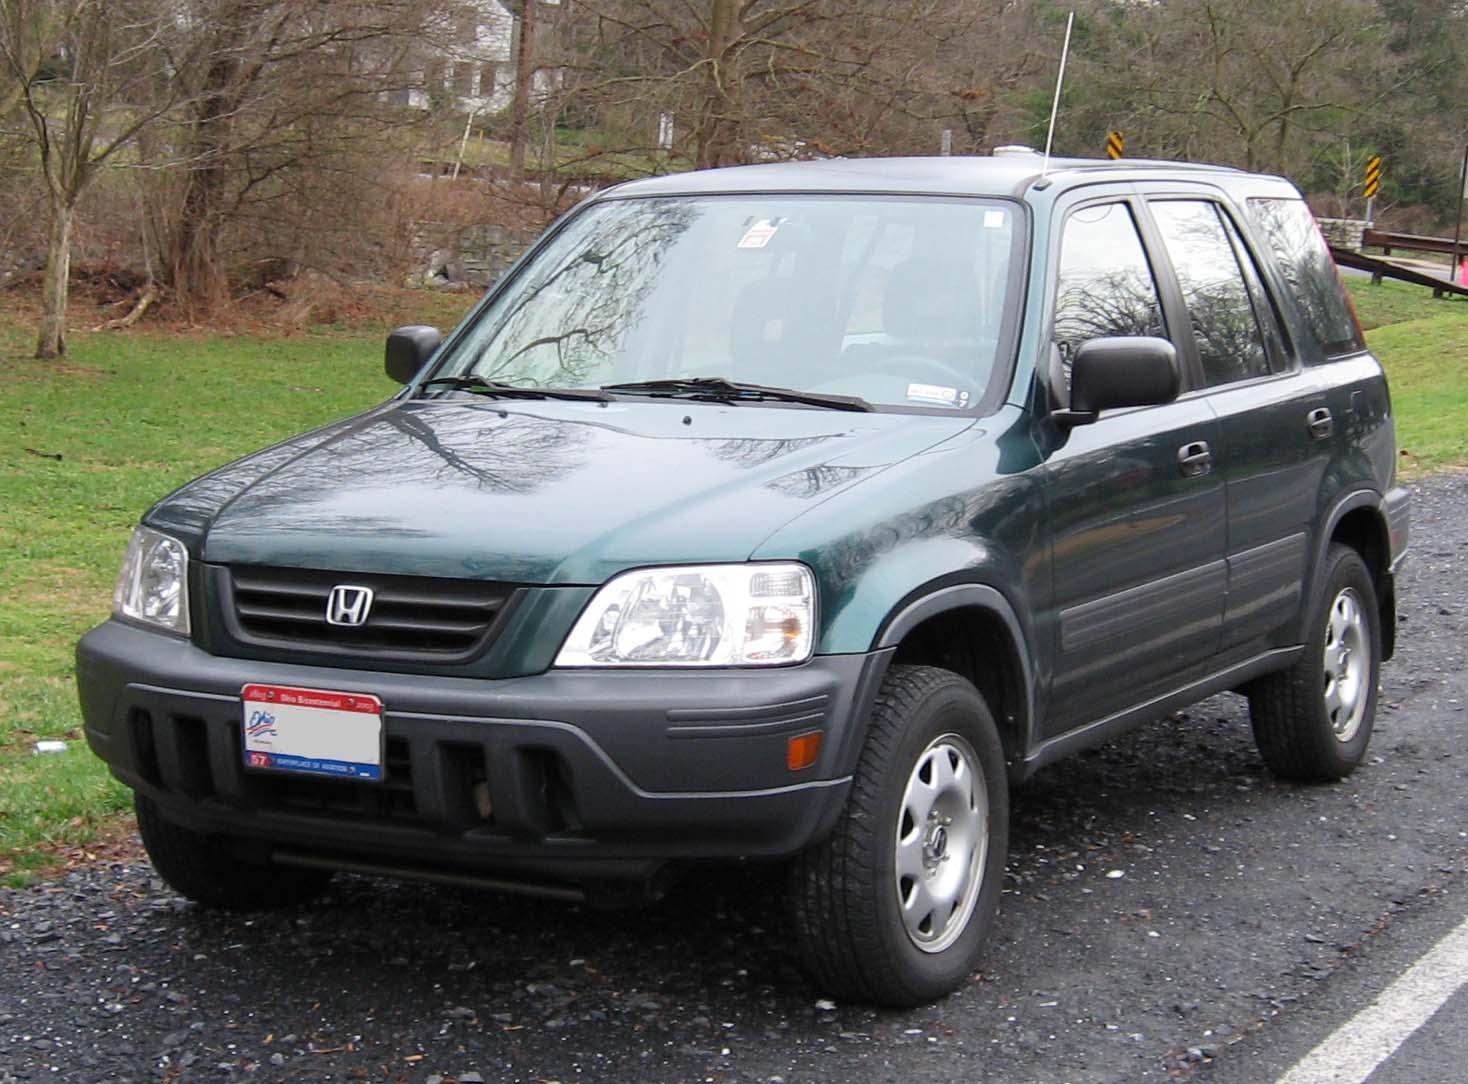 File:1st Honda CR-V.jpg - Wikimedia Commons